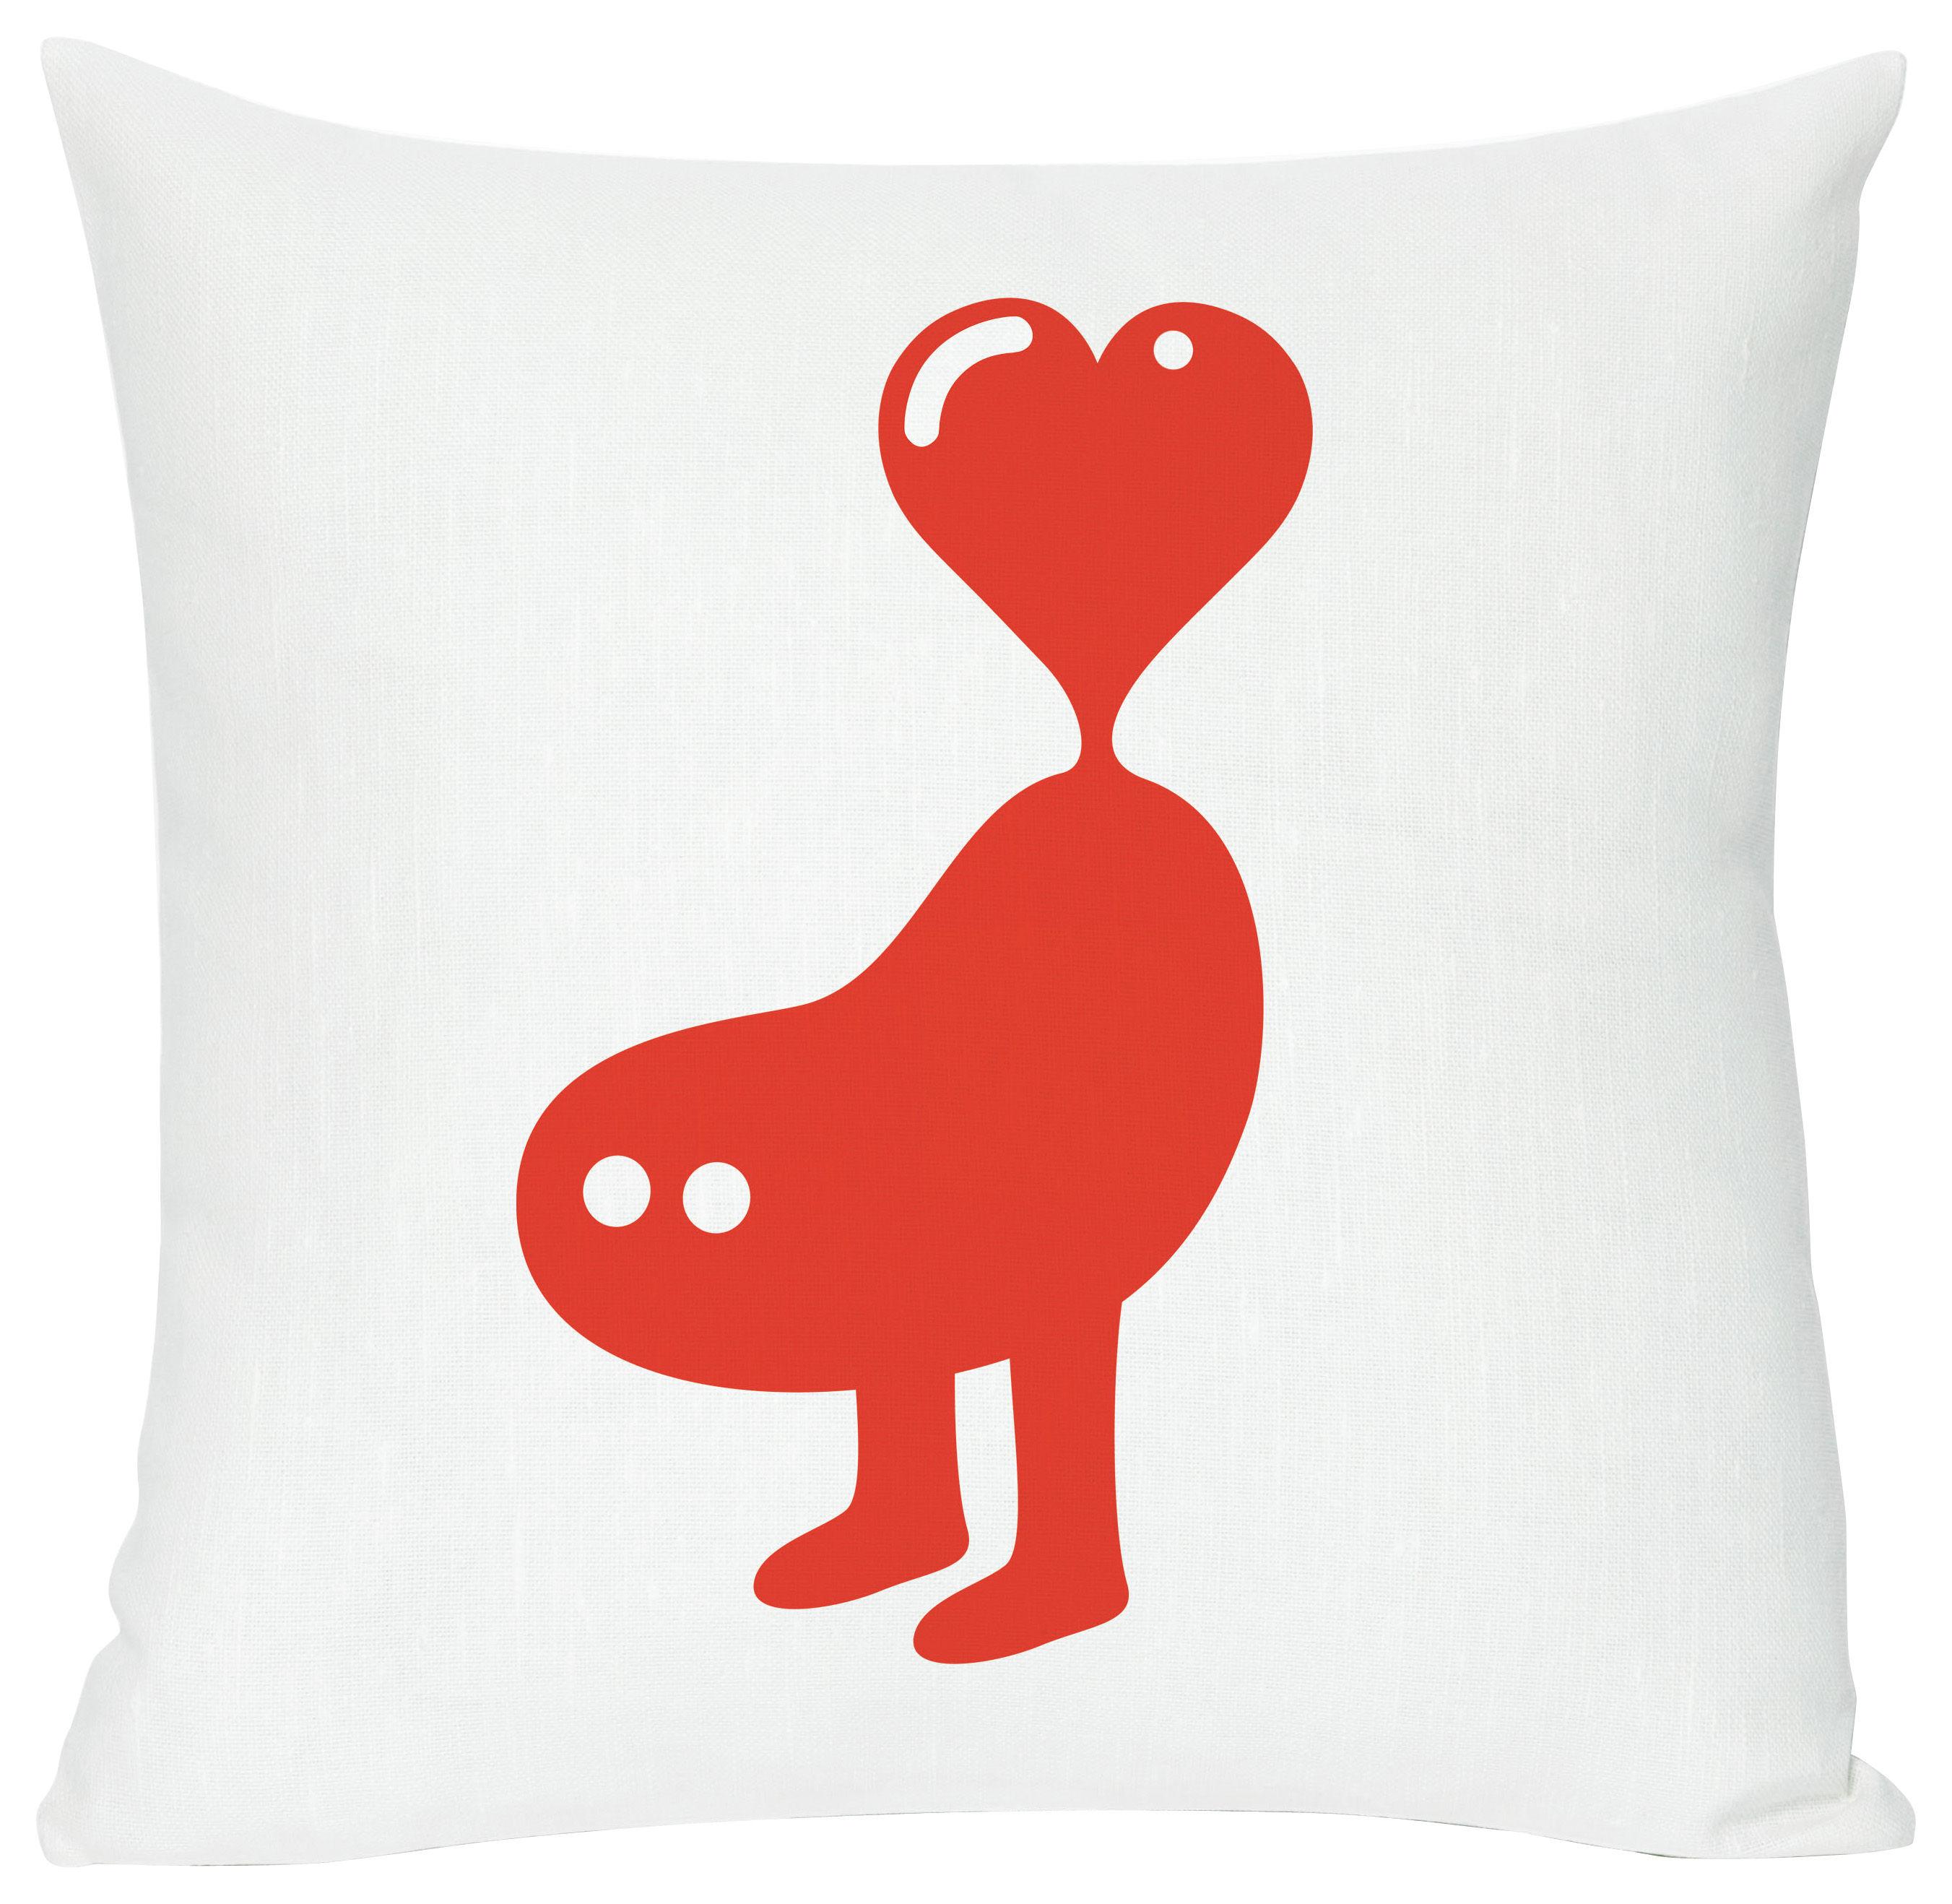 Dekoration - Für Kinder - Red heart Kissen - Domestic - Red heart - weiß und rot - Baumwolle, Leinen